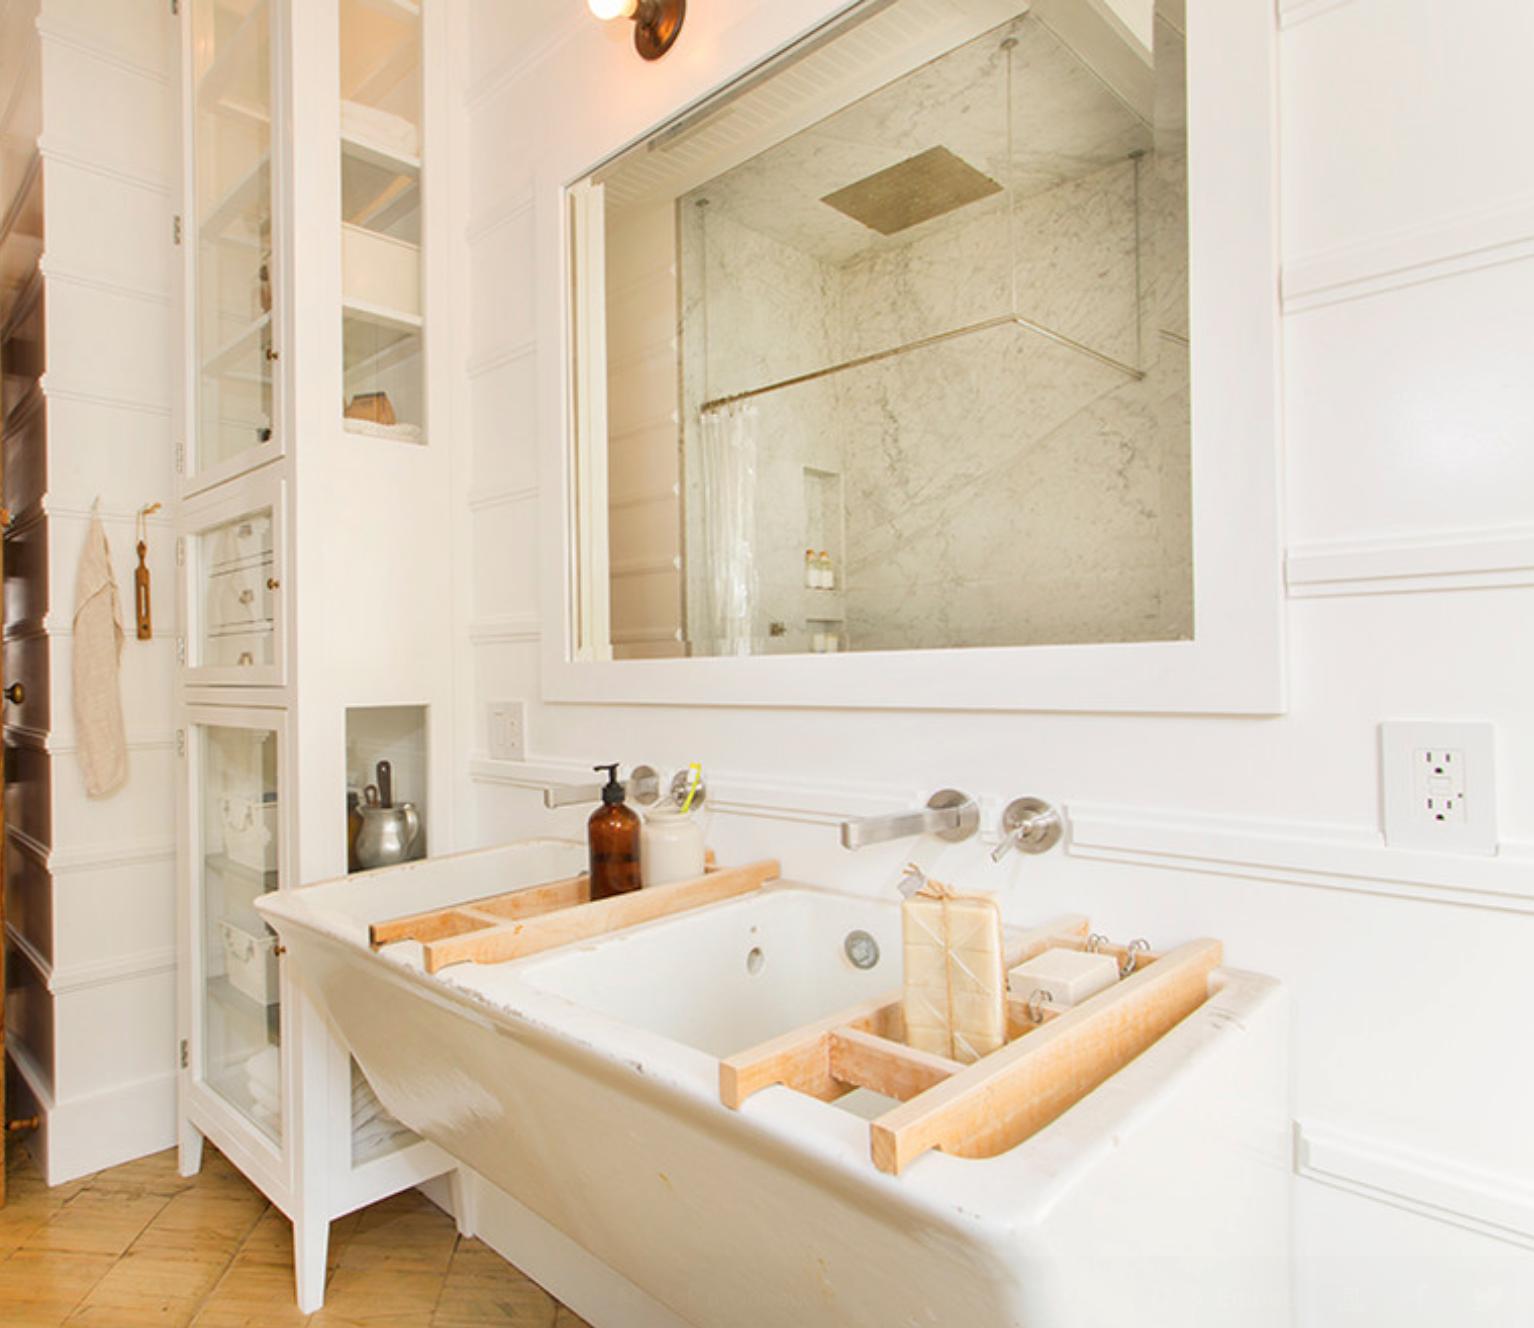 Banheiros super originais decorandoonline #A29C29 1534x1328 Armario Vertical Banheiro